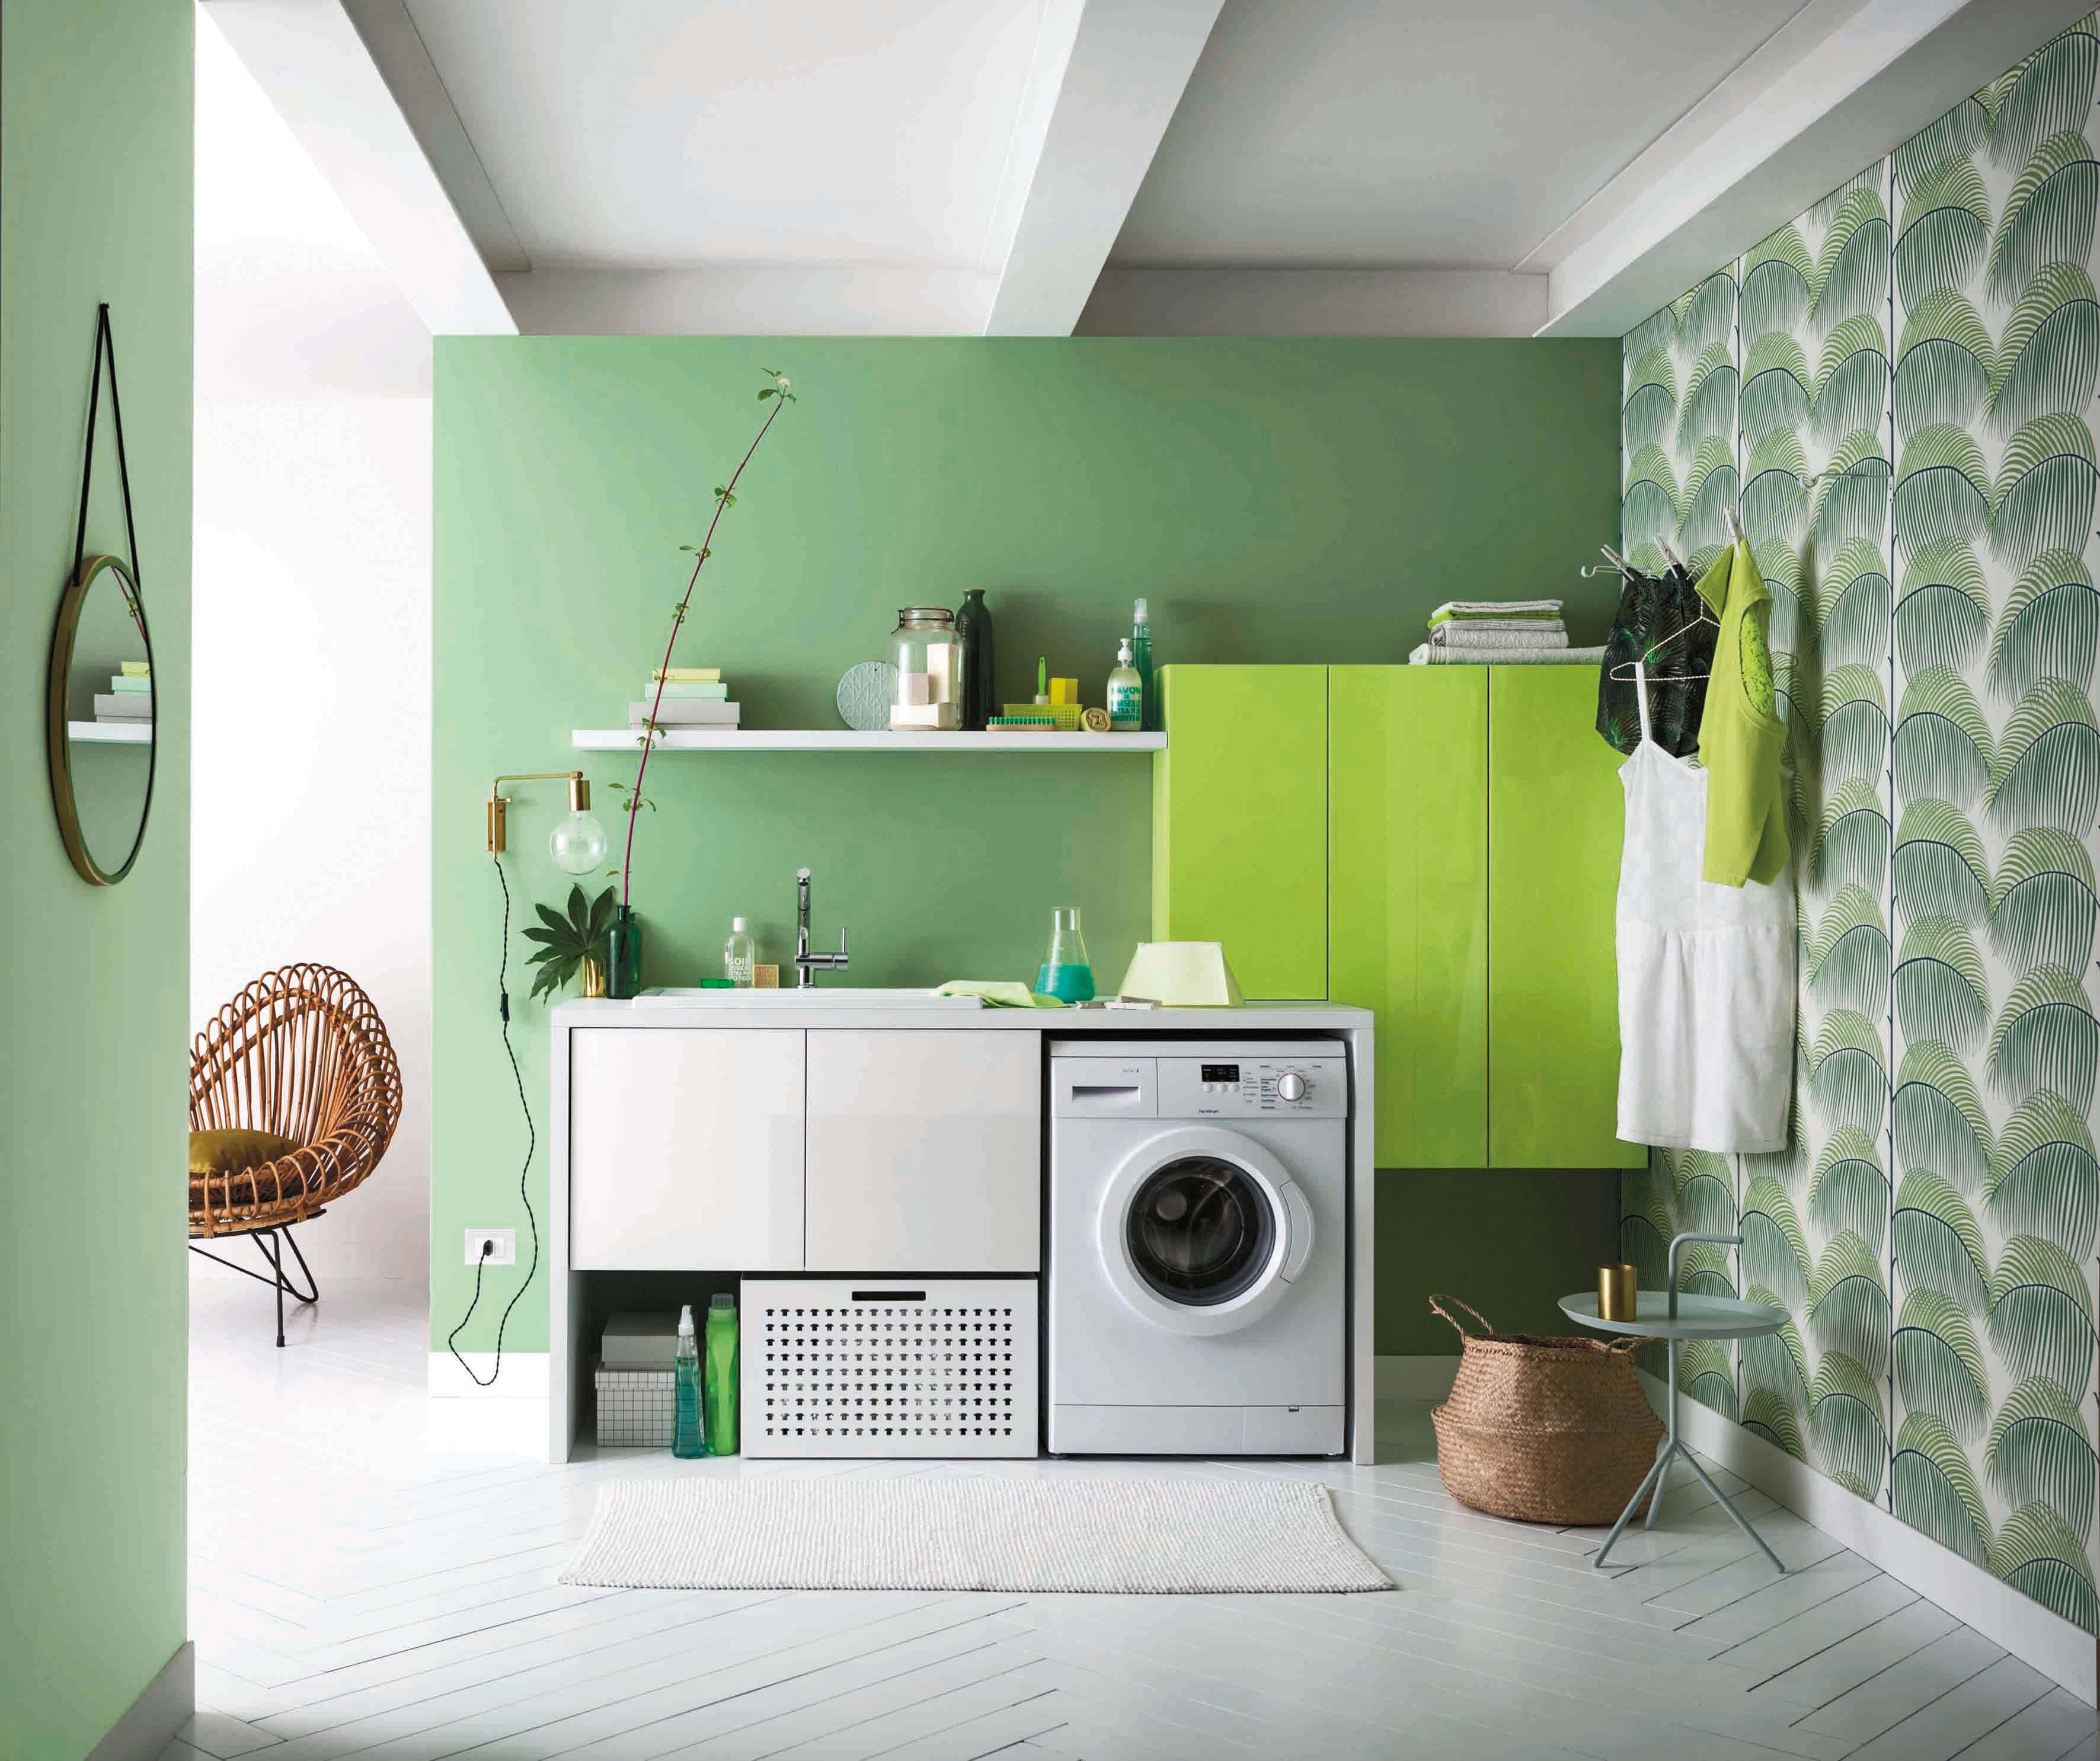 arredo bagno: mobili, box doccia, idee per arredare il bagno - living - Arredo Bagno Particolare